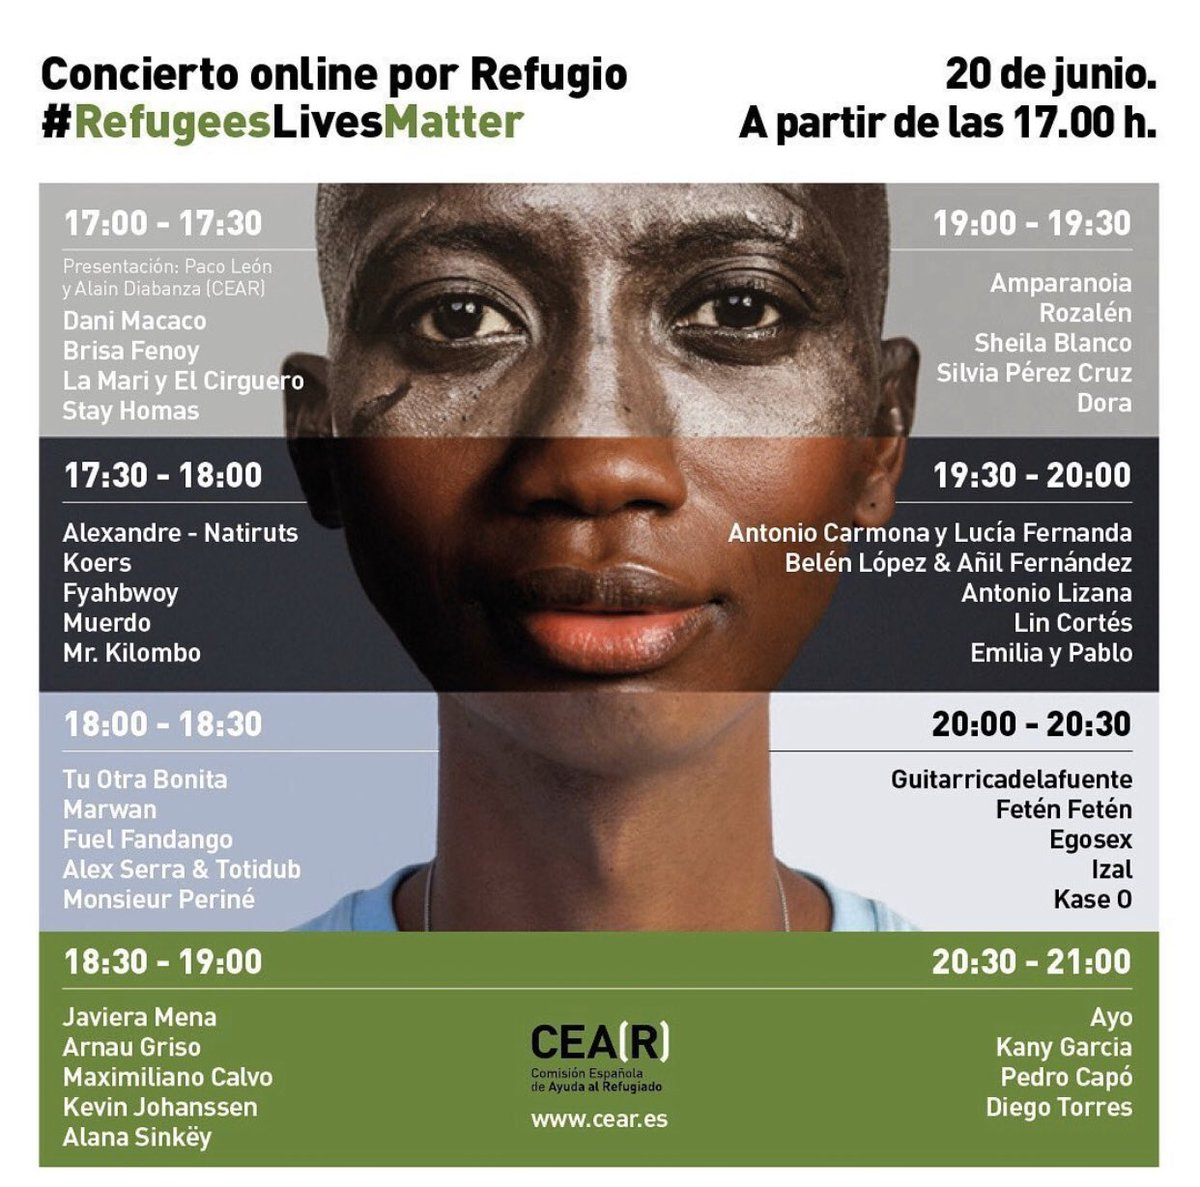 Concierto #refugeeslivesmatter por tan solo 5€ que irán directos a los refugiados @CEARefugio   Hoy a partir de las 17:00  Dona en https://t.co/hQuG8pMU5F   Horarios: https://t.co/29w4hIuxag